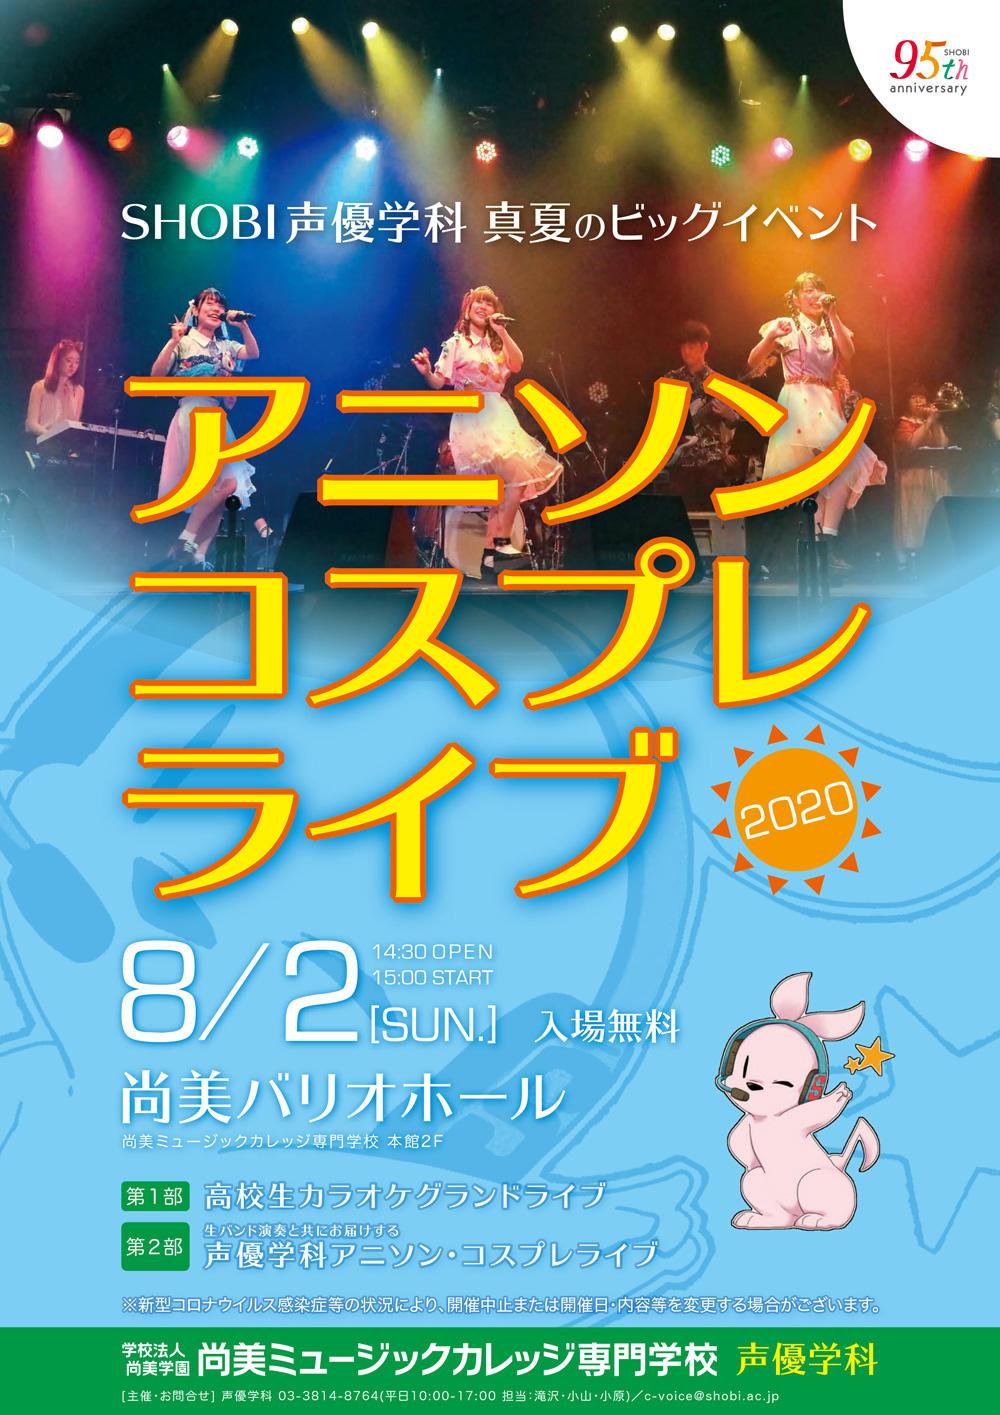 【8月2日開催】声優学科 真夏のビッグイベント「アニソン・コスプレライブ2020」